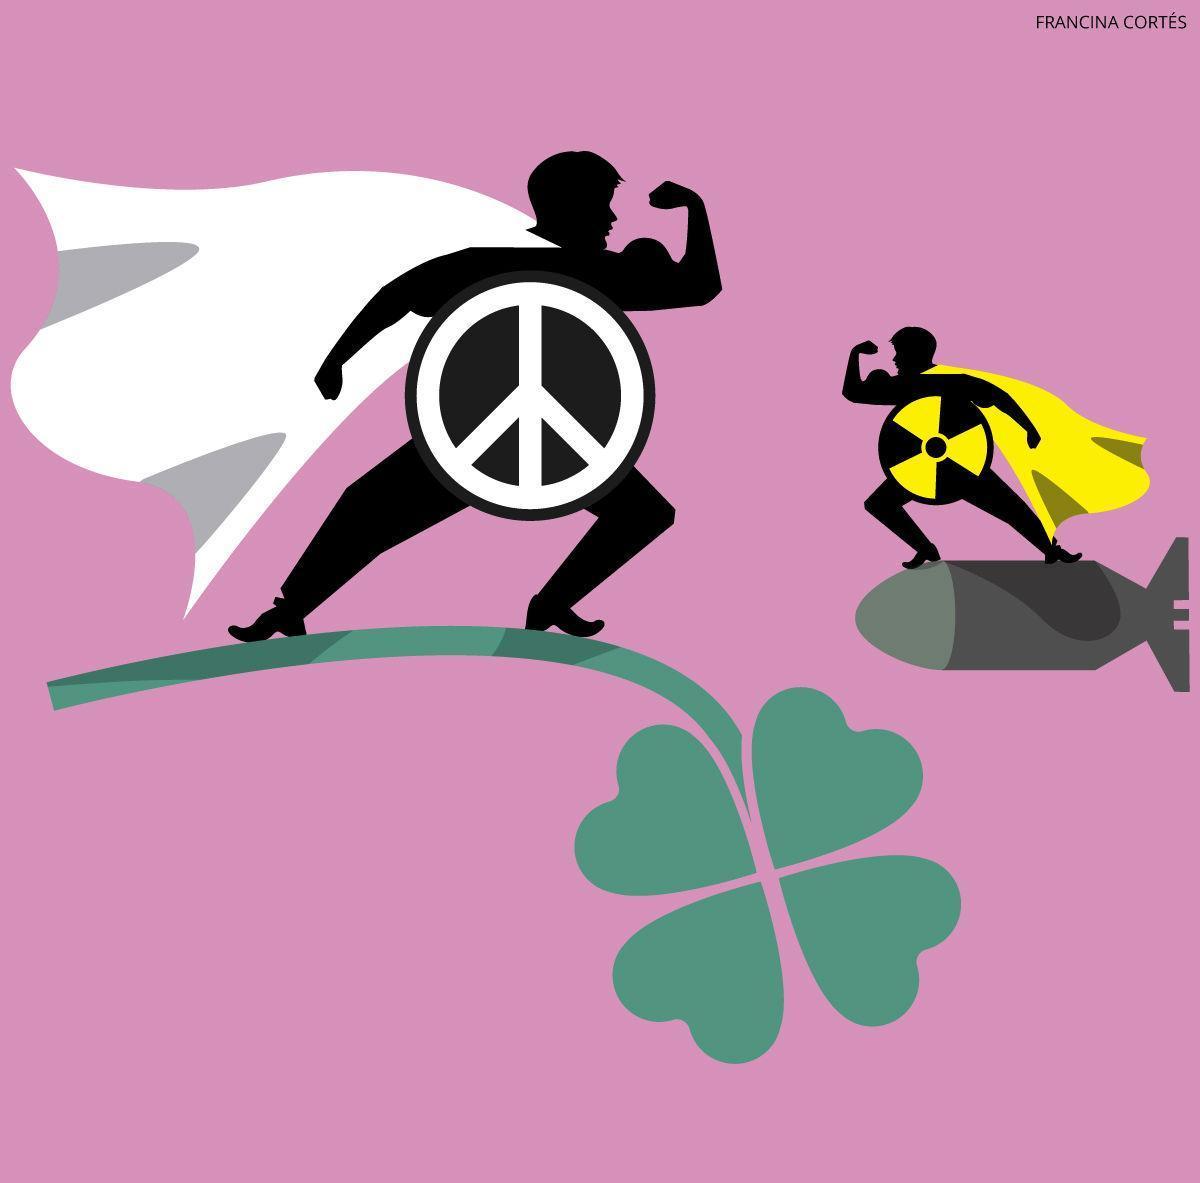 L'estigma de l'armament nuclear